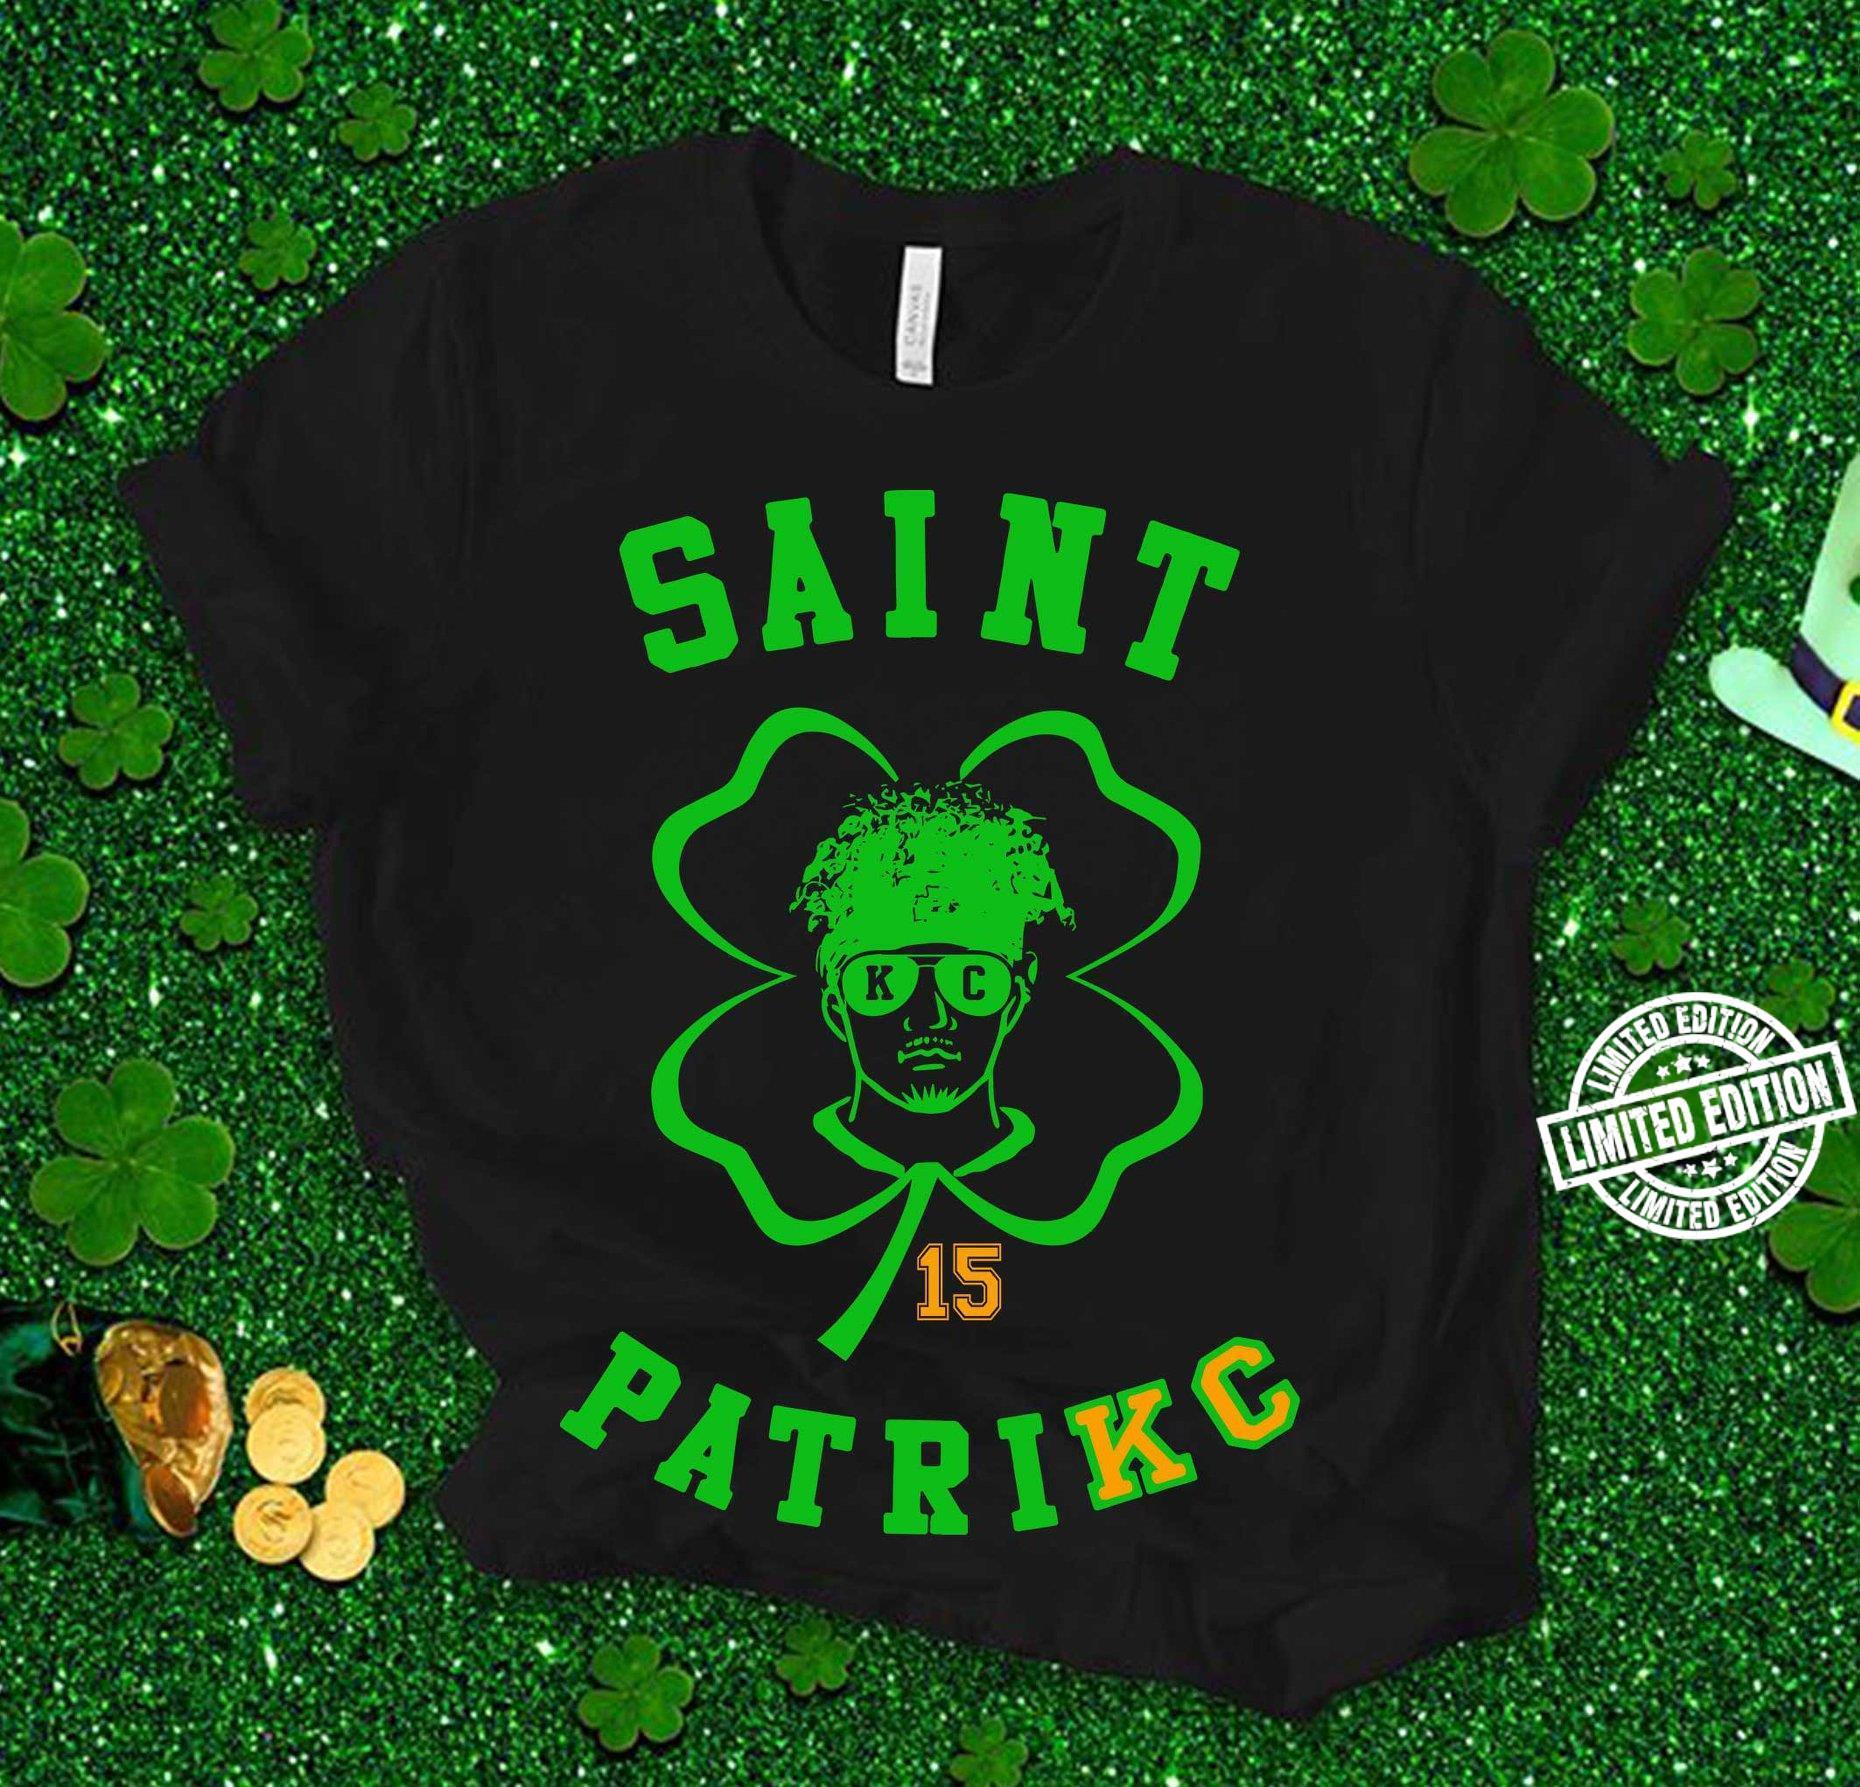 Saint 16 patrkc shirt